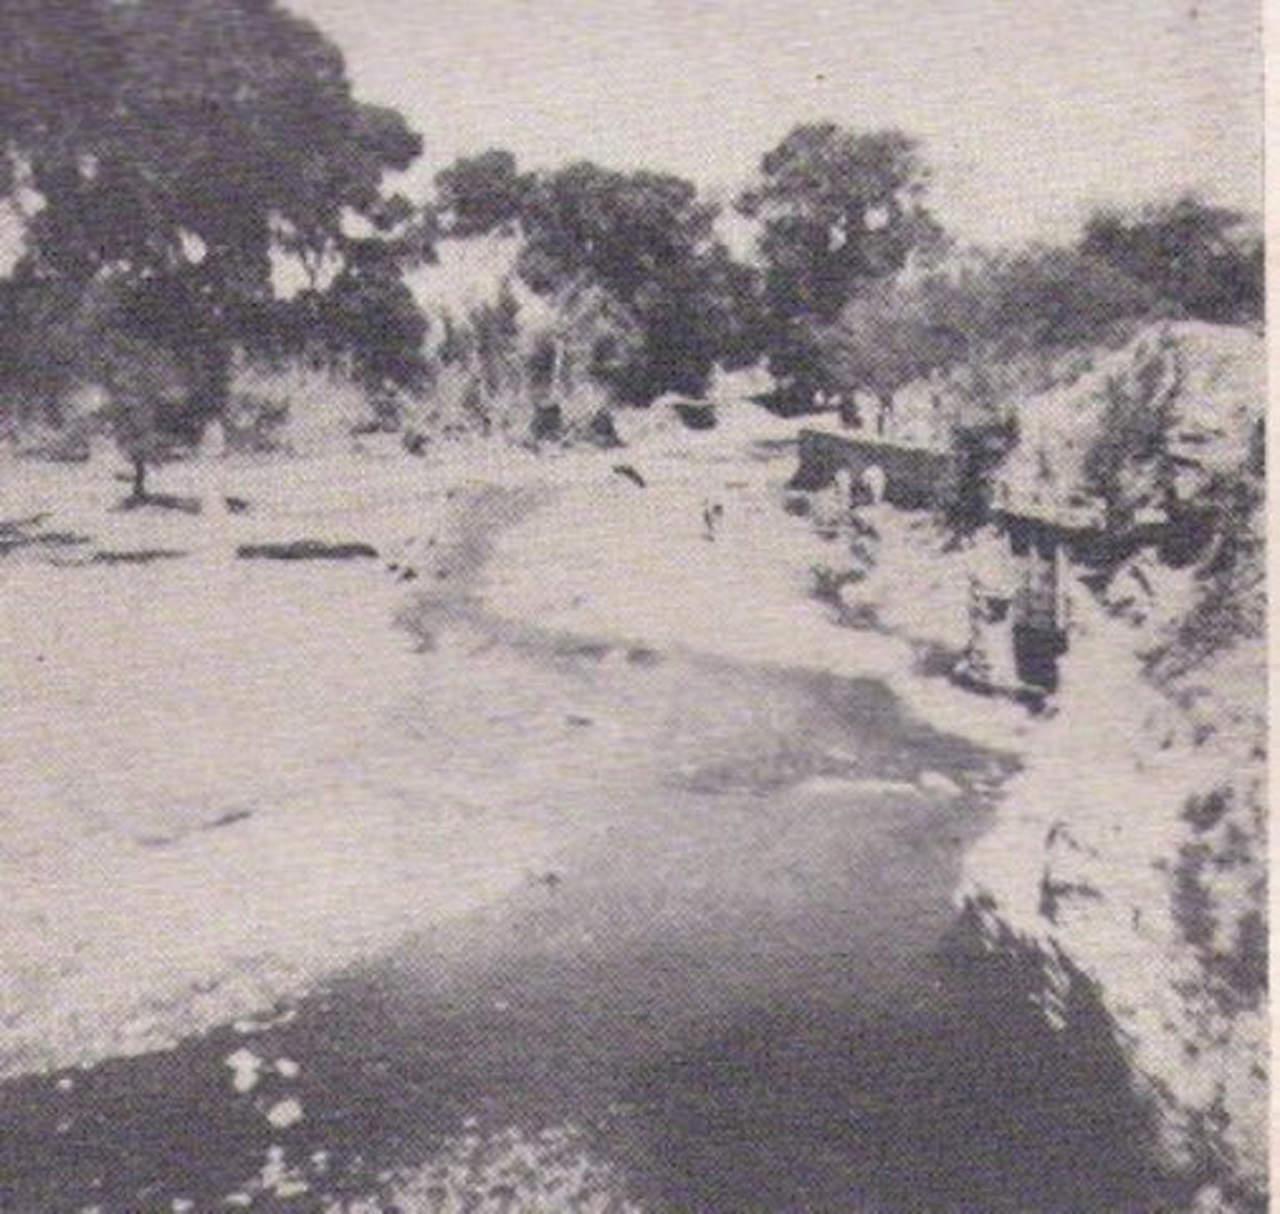 Viesca, Coahuila, noticias y antecedentes de su origen y fundación